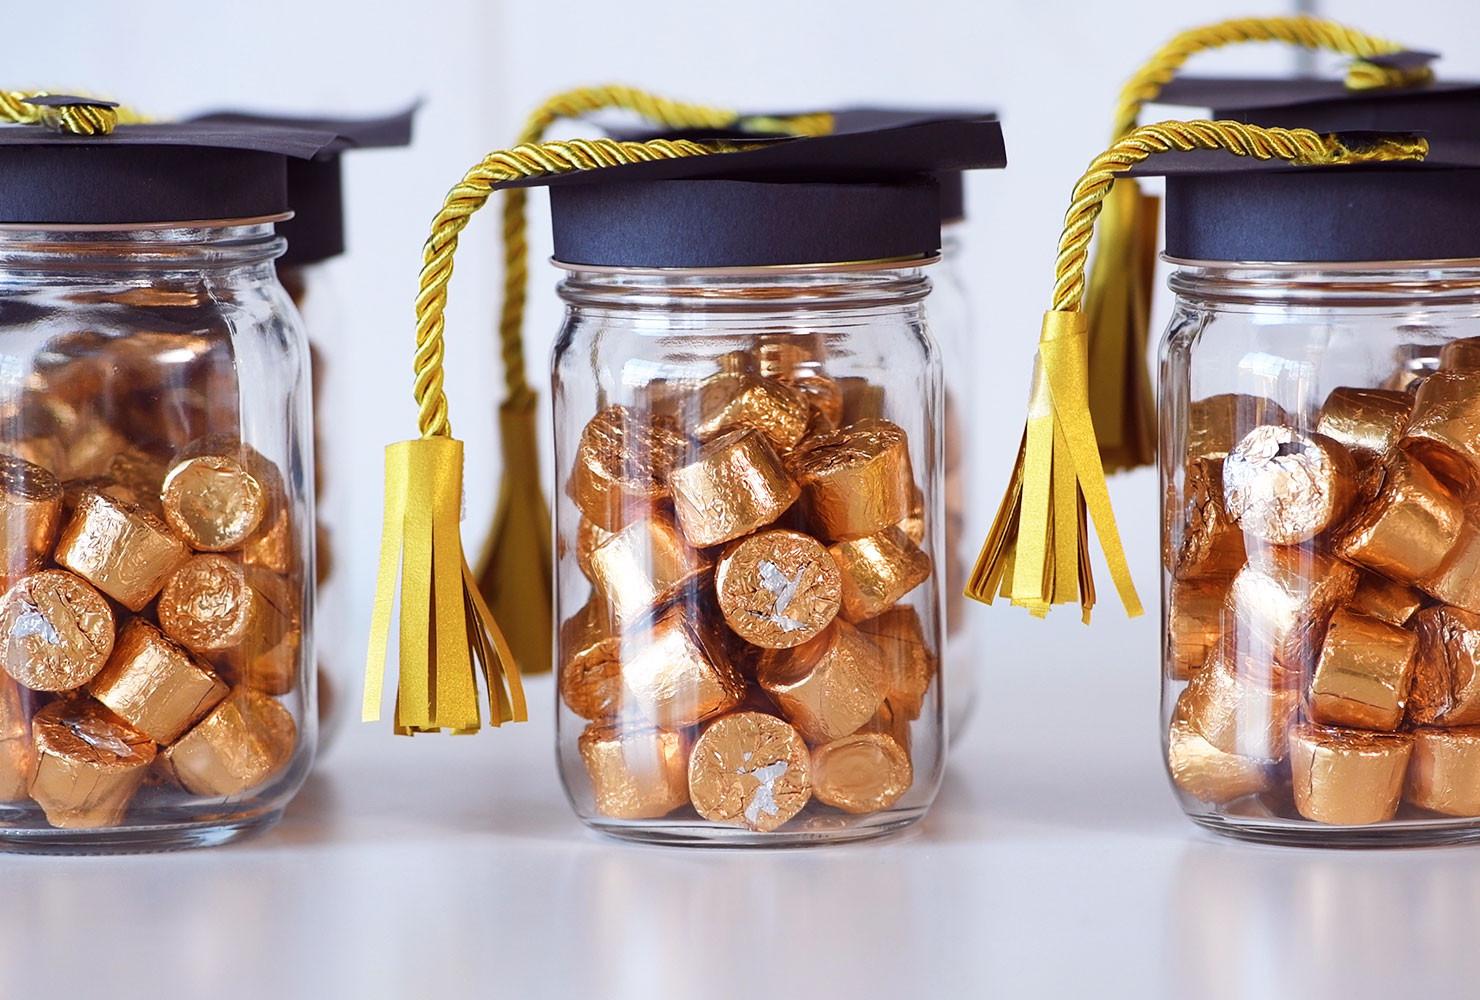 Graduation Party Favor Ideas  7 Easy DIY Graduation Party Ideas